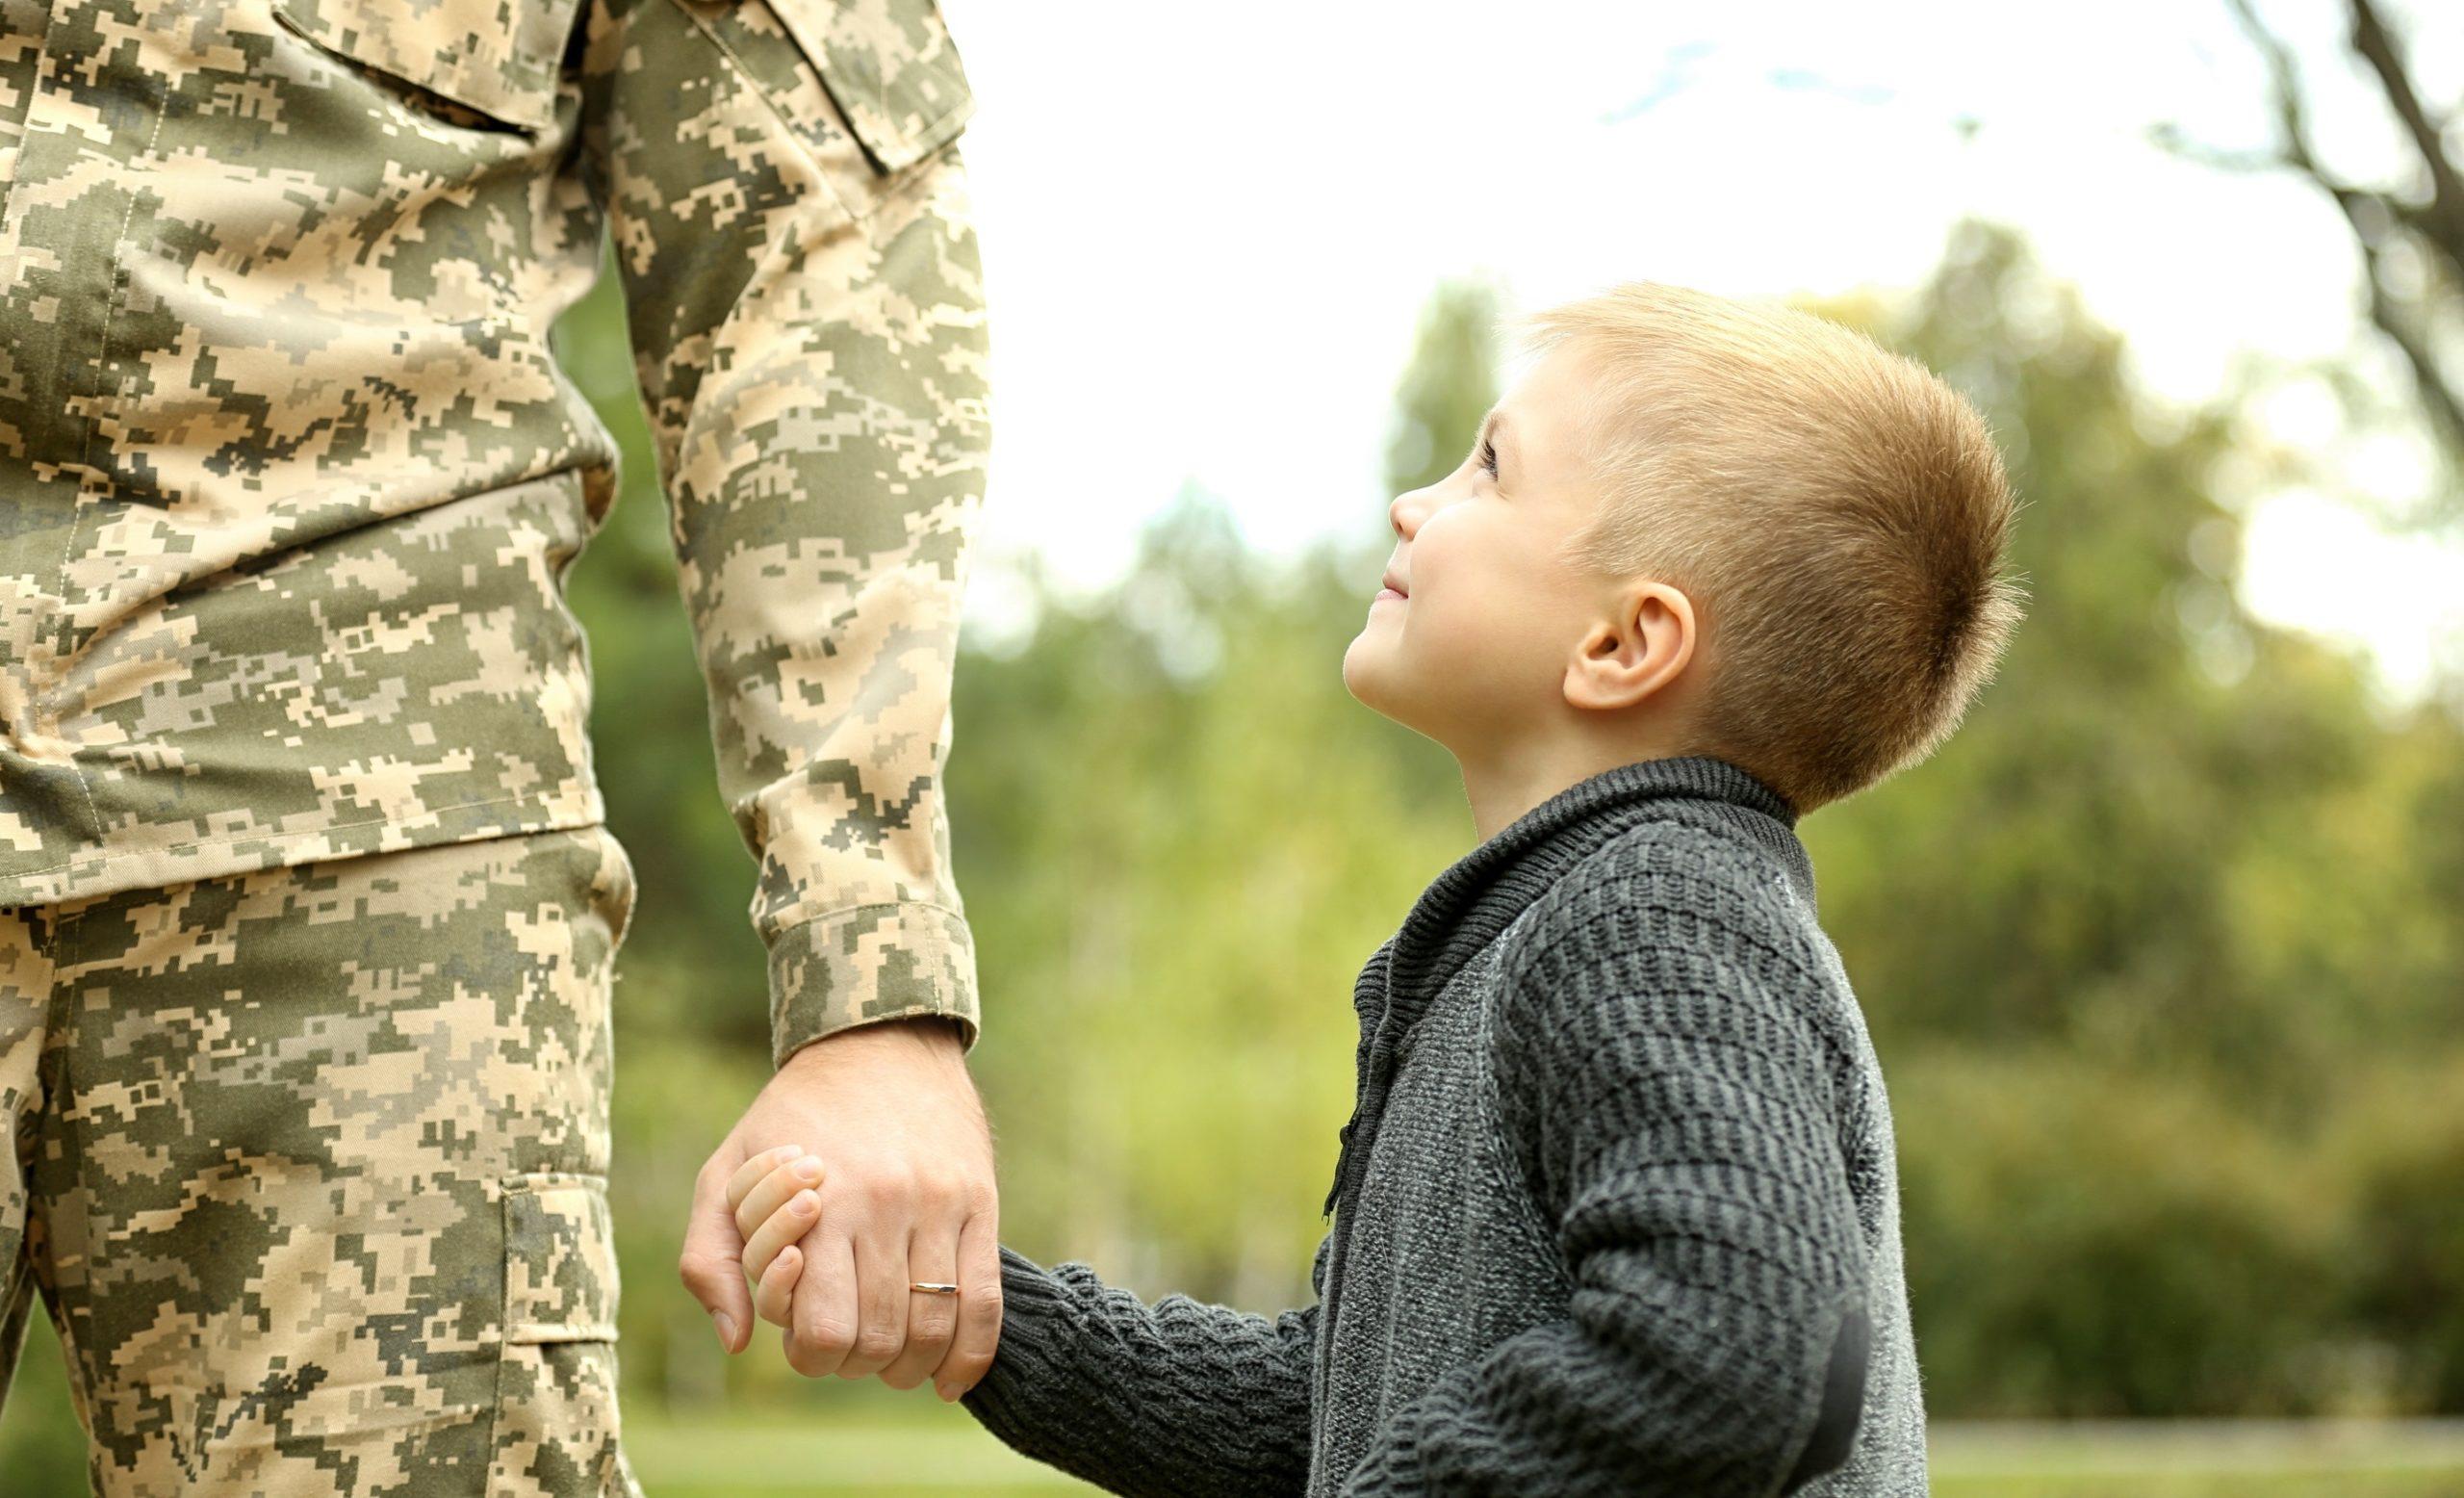 Jongetje is blij om soldaat te zien